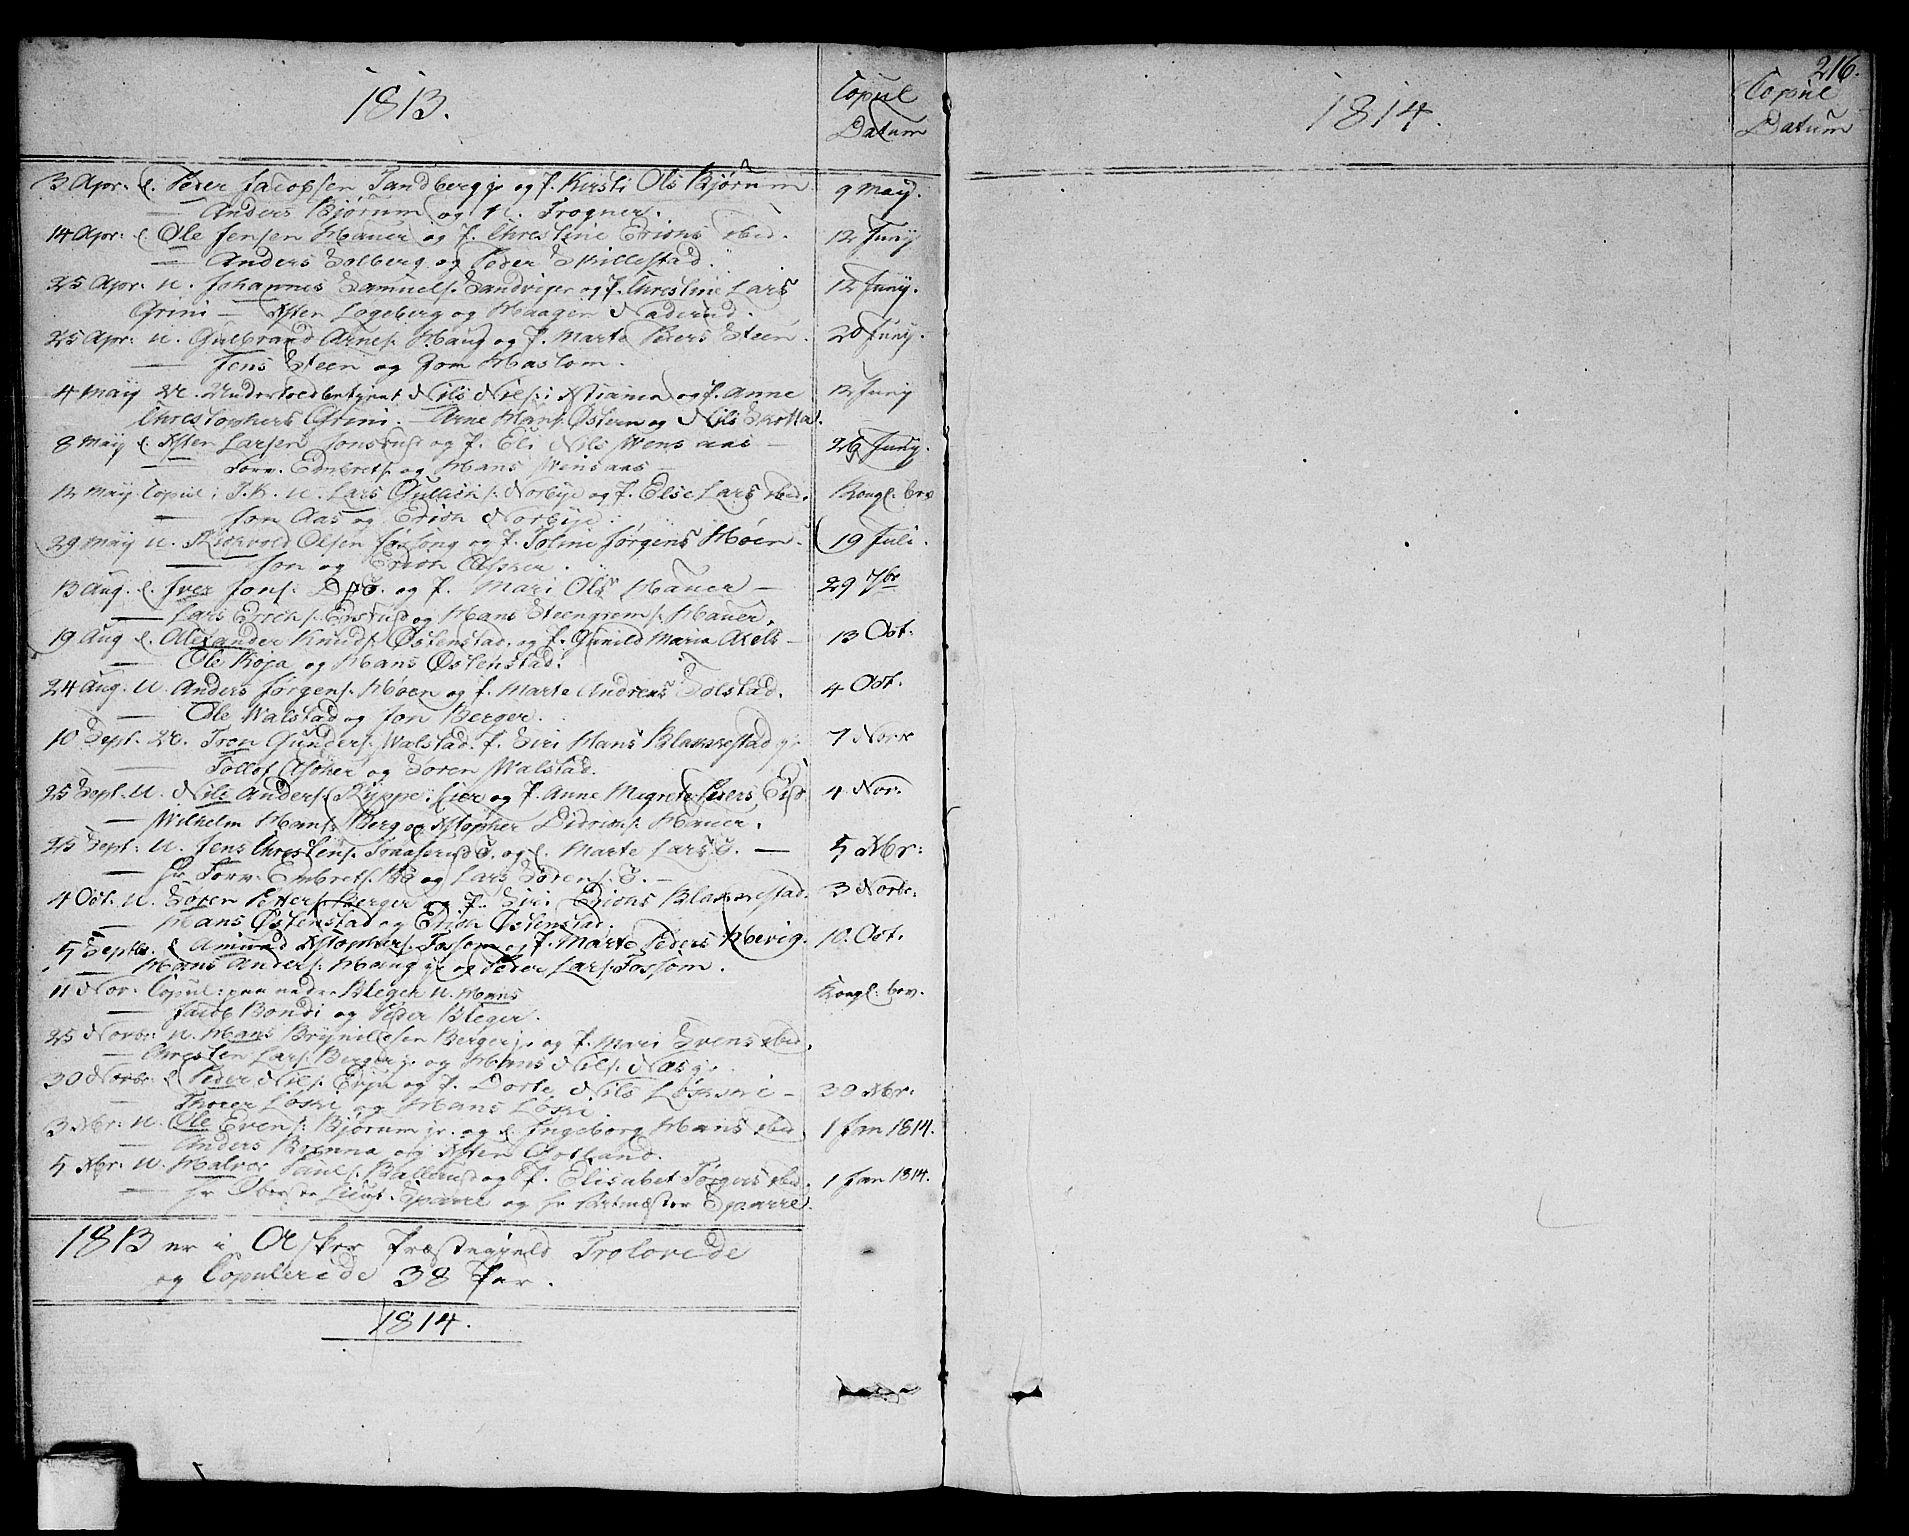 SAO, Asker prestekontor Kirkebøker, F/Fa/L0005: Ministerialbok nr. I 5, 1807-1813, s. 216